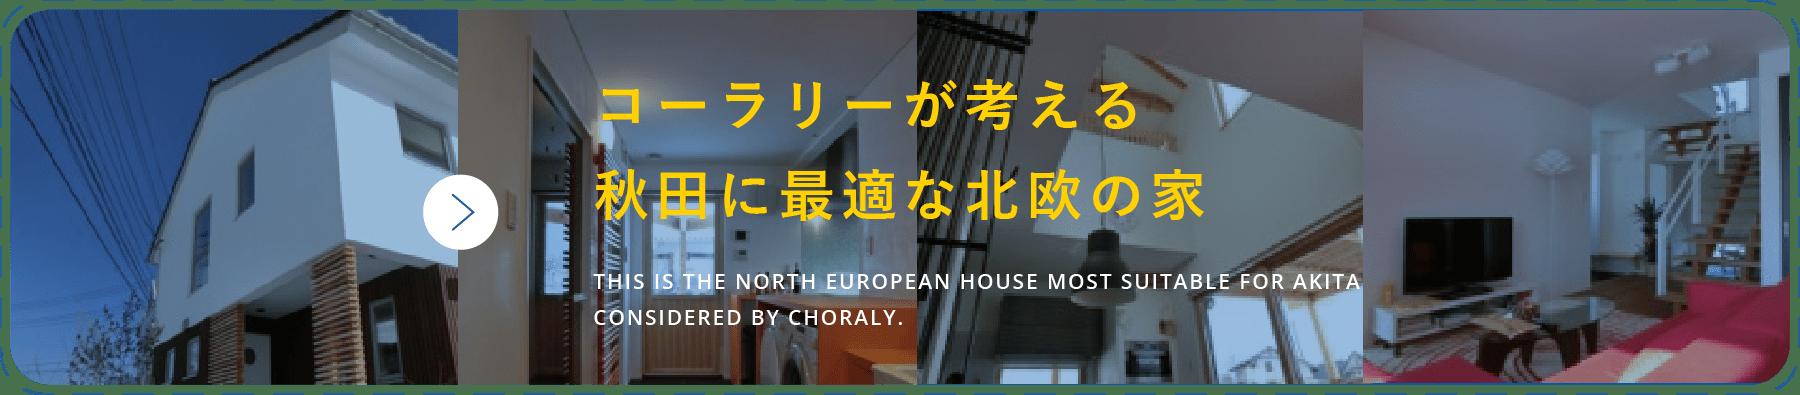 コーラリーが考える秋田に最適な北欧の家